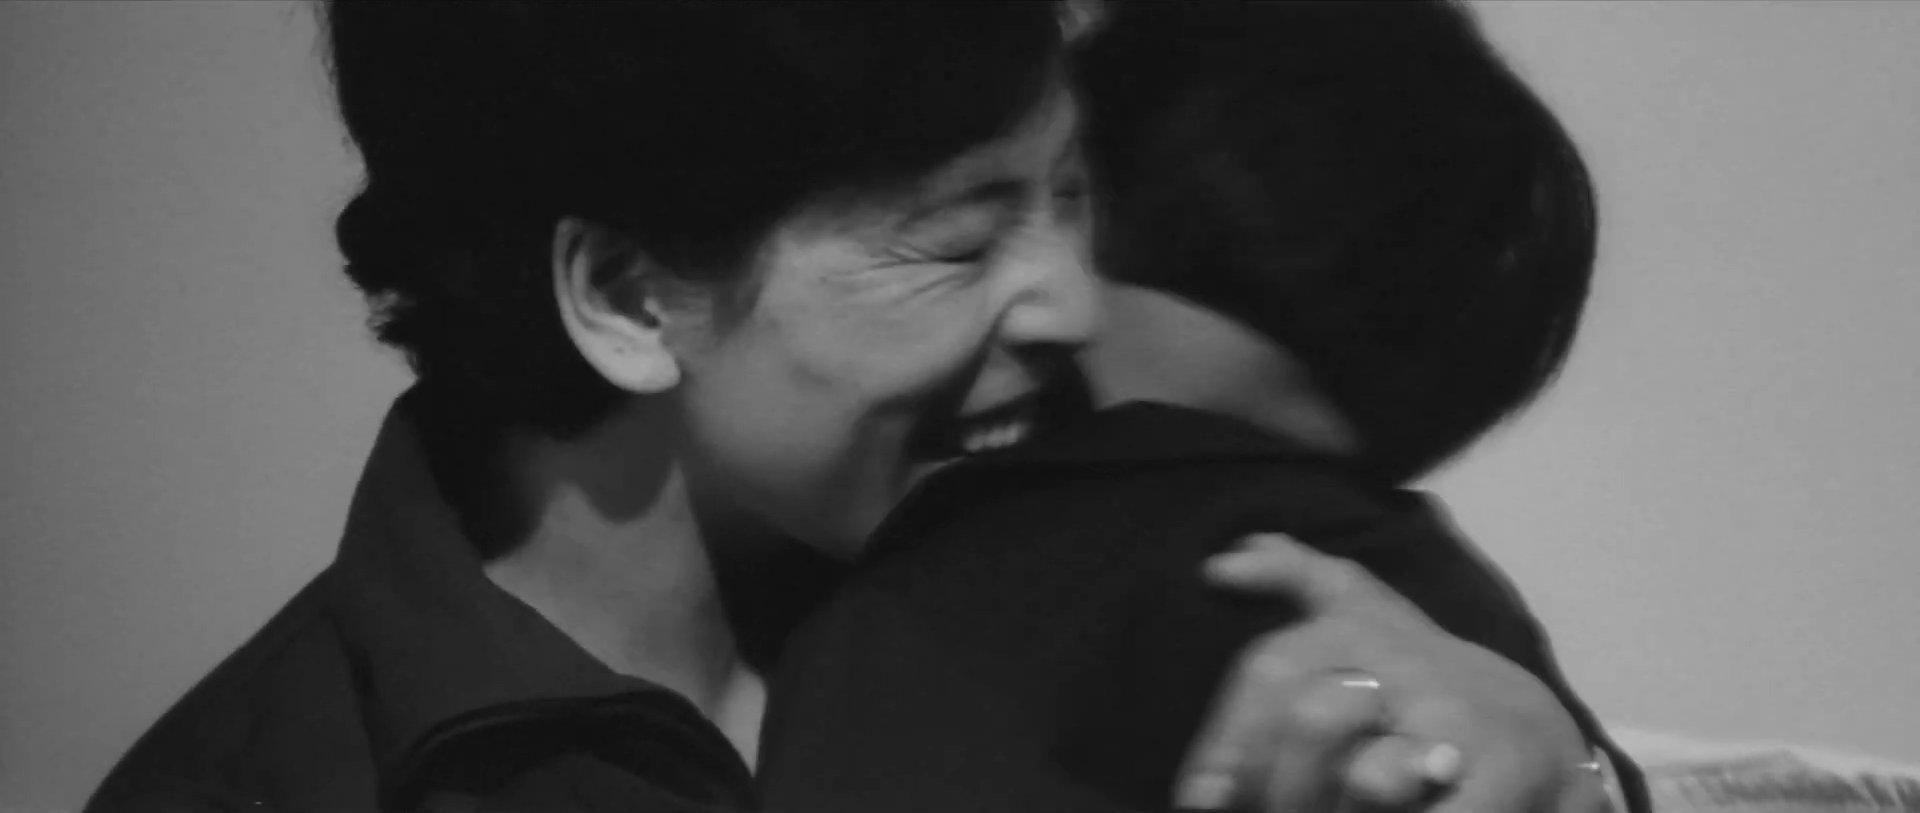 『東京パラリンピック 愛と栄光の祭典』母子